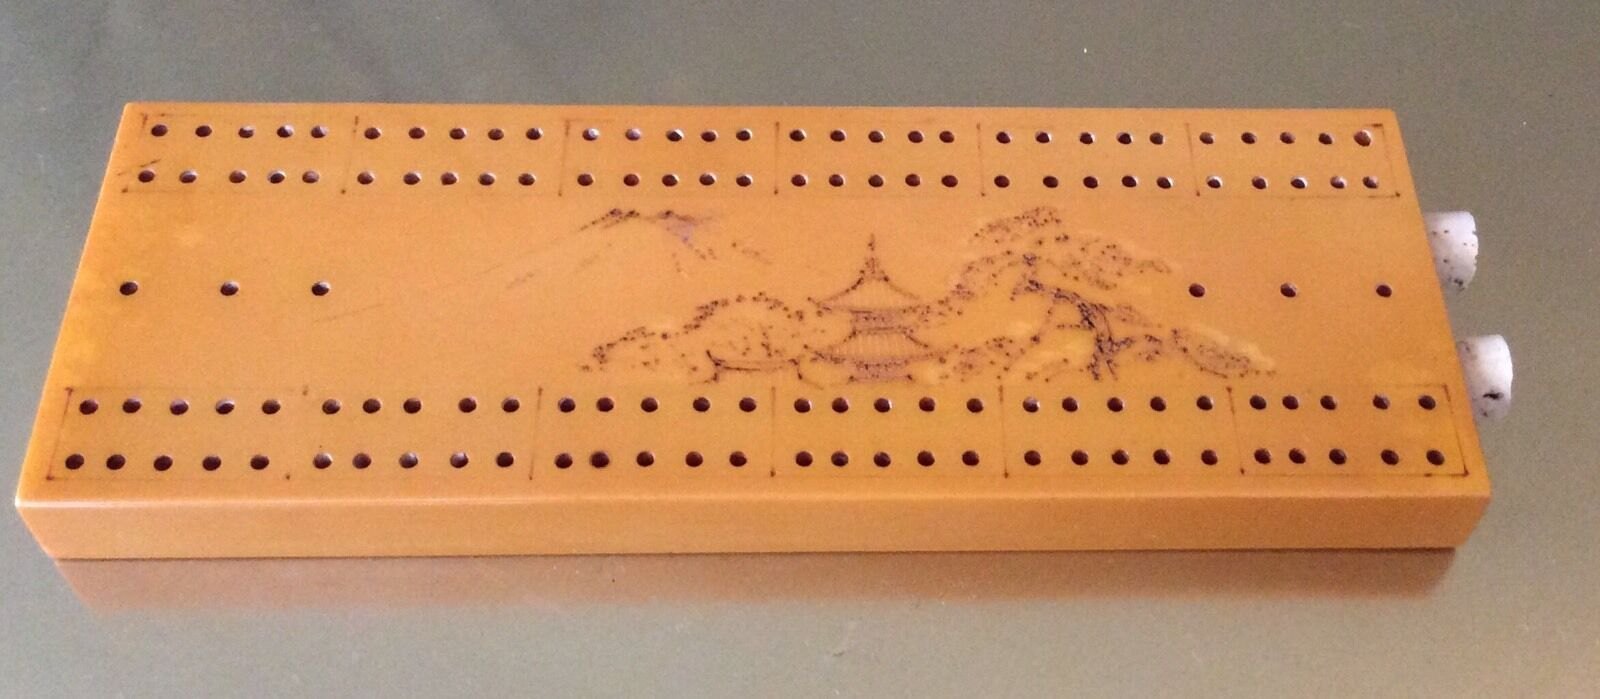 Vintage Catalin Caramel BAKELITE Cribbage Board sculpté japonais années 1930 excellent état utilisé